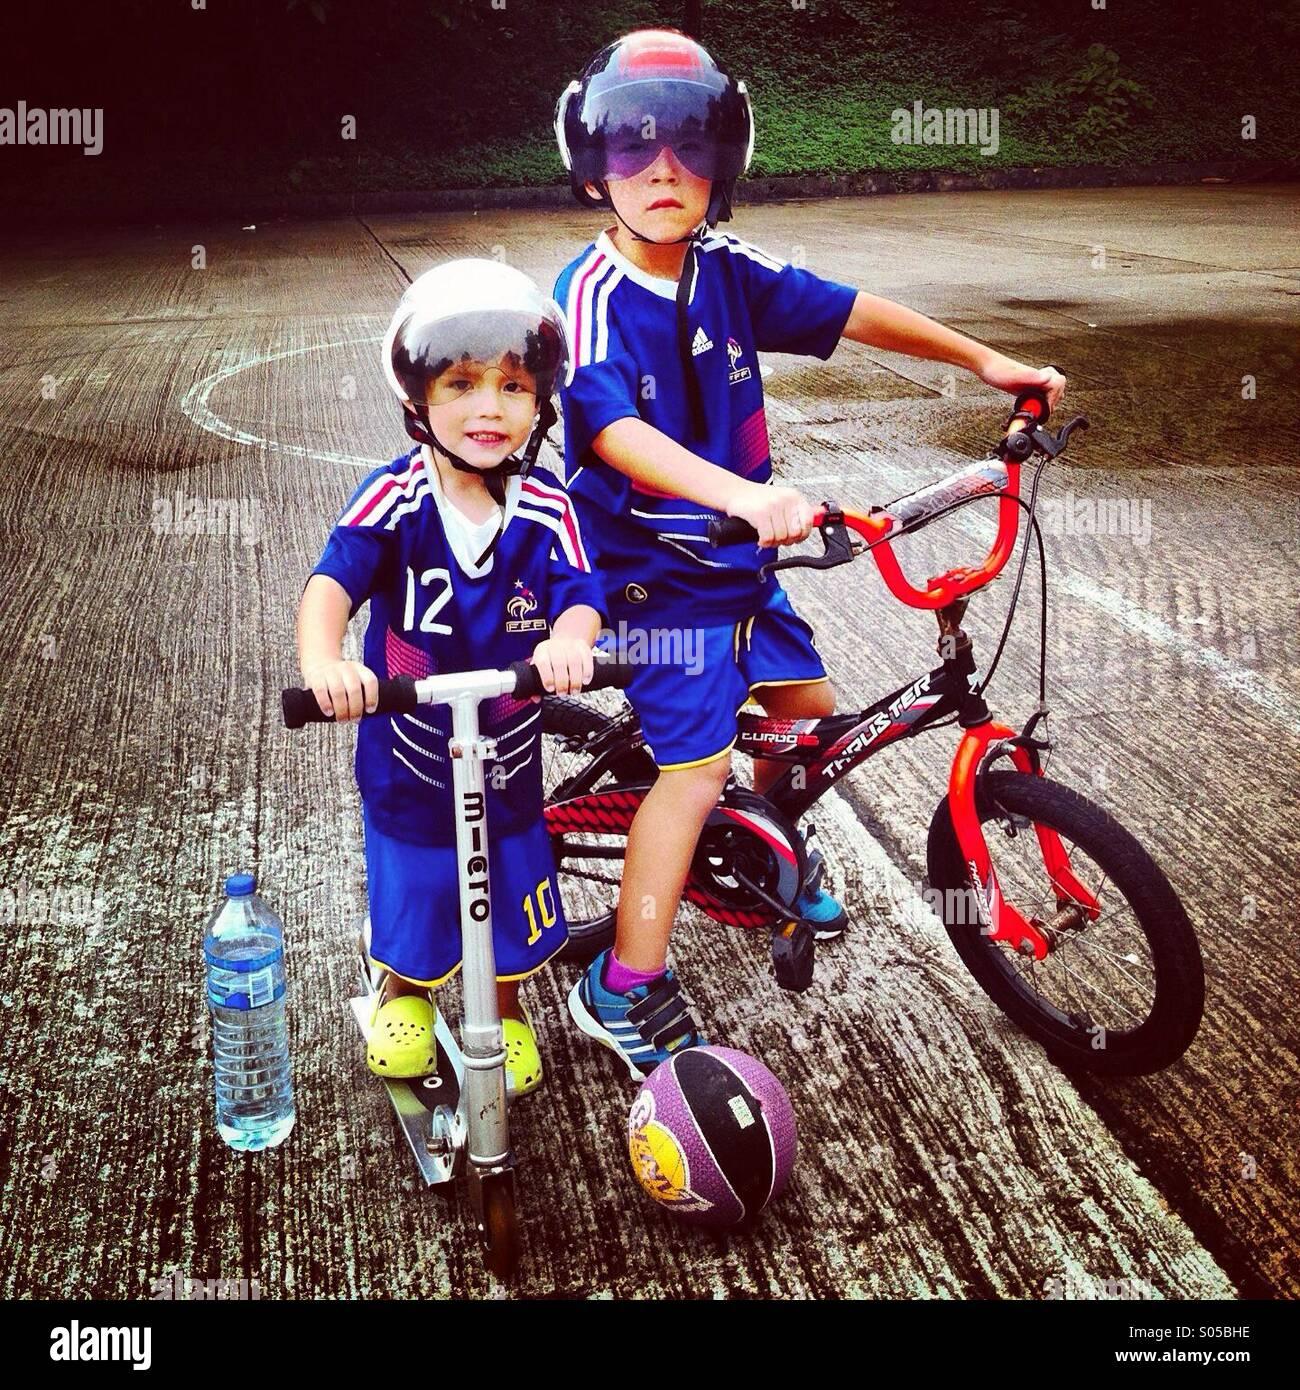 9a8c0eaadfca9 C est une photo de deux frères qui portent des vêtements bleu et prétendre  être des policiers en action